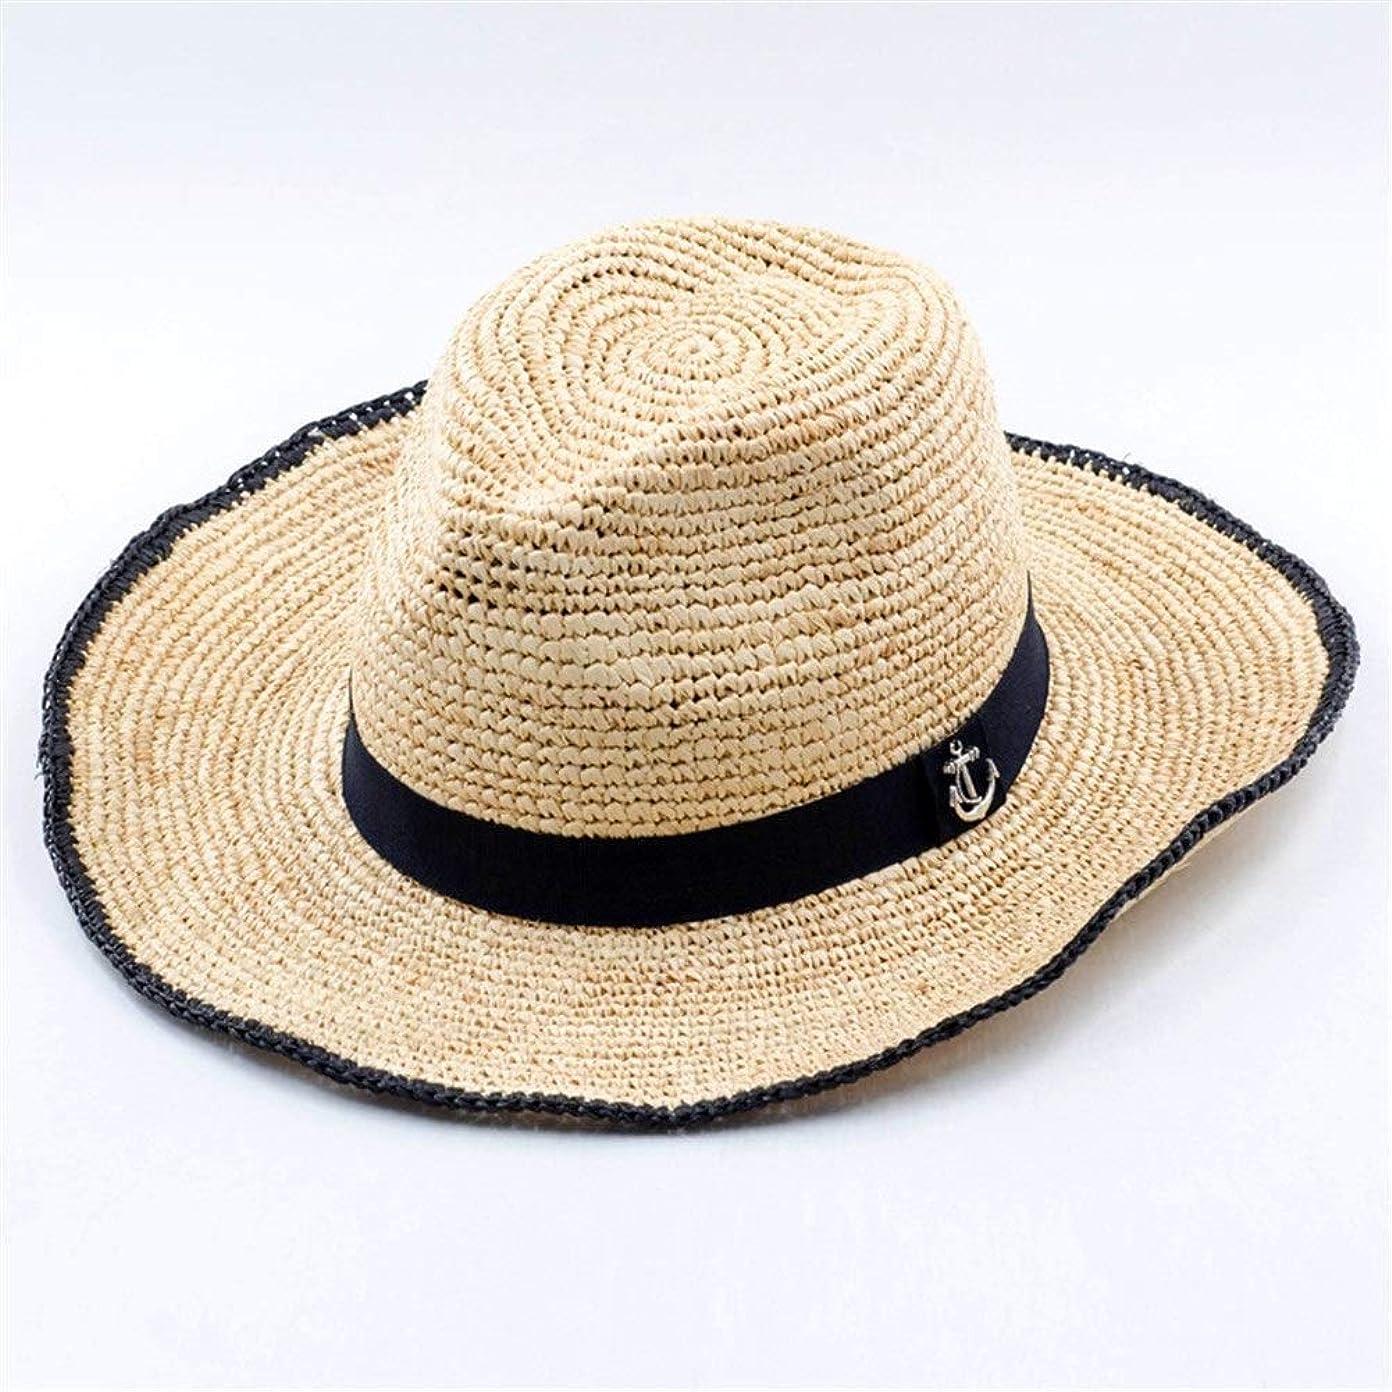 絶壁連結するワークショップ手織りラフィアジャズ麦わら帽子屋外旅行ビーチ日焼け止めラファ麦わら帽子